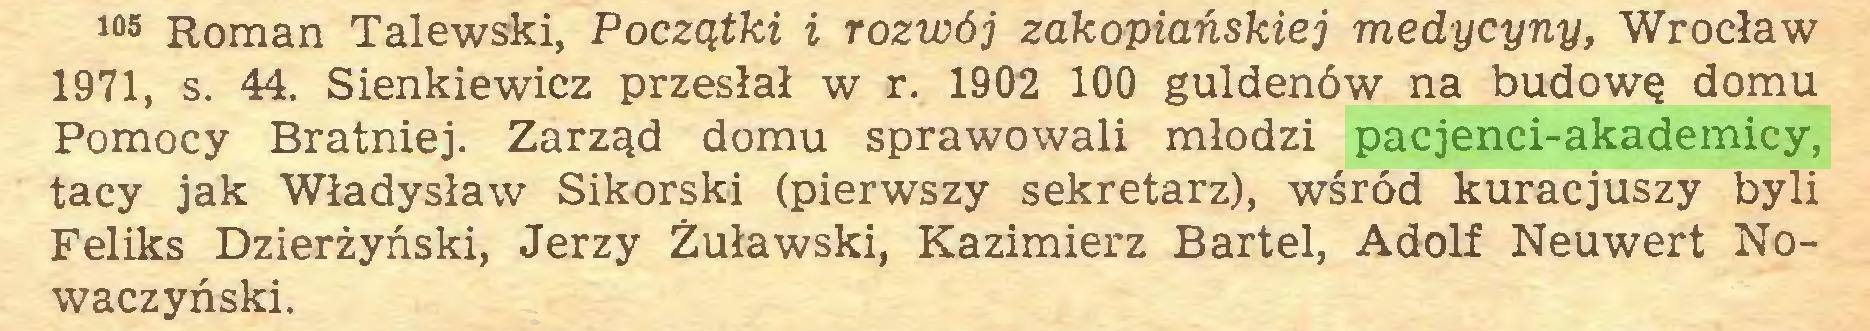 (...) 105 Roman Talewski, Początki i rozwój zakopiańskiej medycyny, Wrocław 1971, s. 44. Sienkiewicz przesłał w r. 1902 100 guldenów na budowę domu Pomocy Bratniej. Zarząd domu sprawowali młodzi pacjenci-akademicy, tacy jak Władysław Sikorski (pierwszy sekretarz), wśród kuracjuszy byli Feliks Dzierżyński, Jerzy Żuławski, Kazimierz Bartel, Adolf Neuwert Nowaczyński...